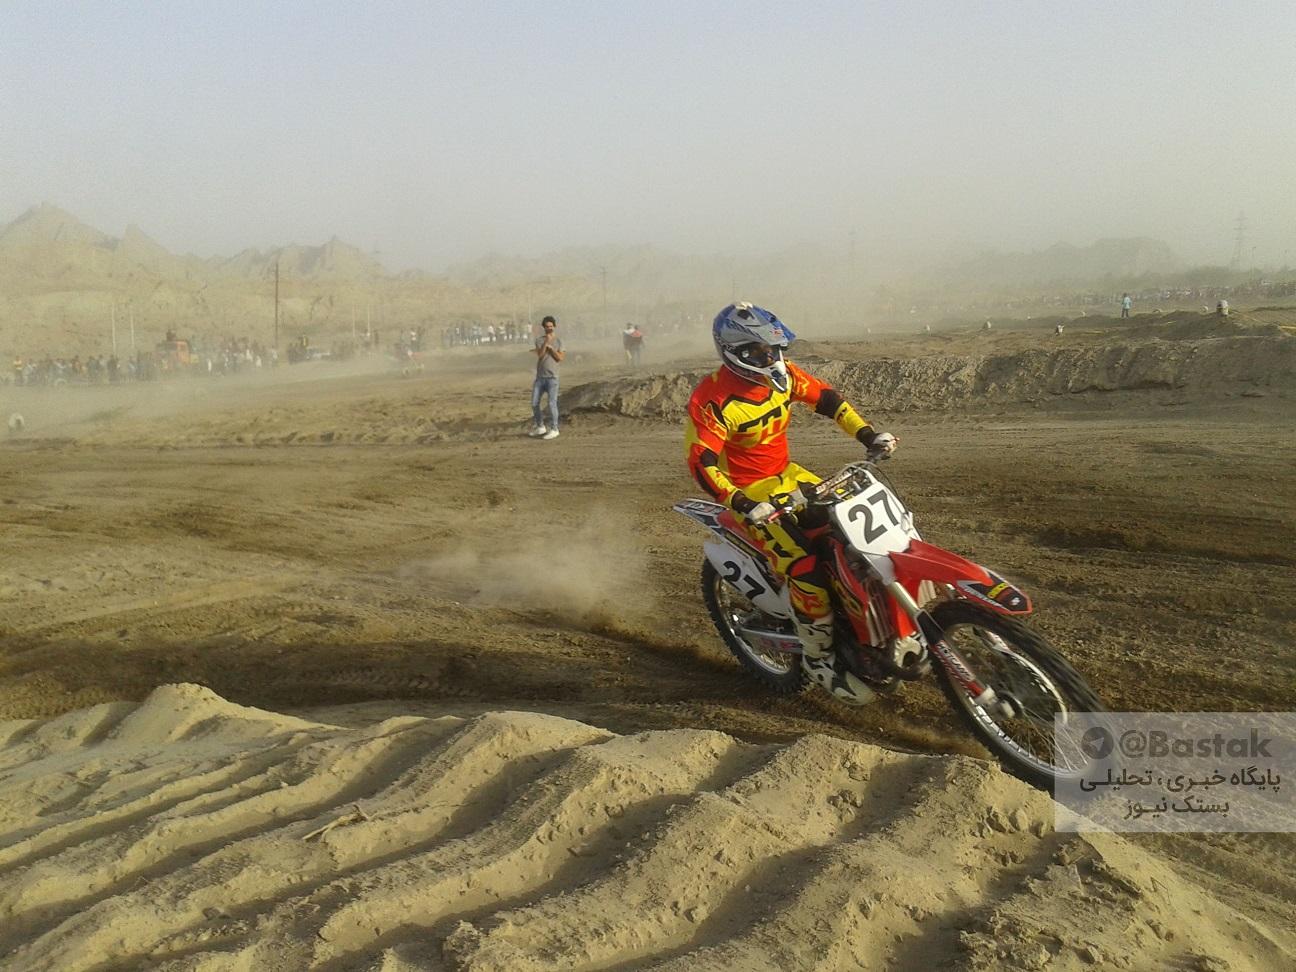 درخشش موتورسواران جناح در مسابقات قهرمانی موتور کراس هرمزگان+عکس